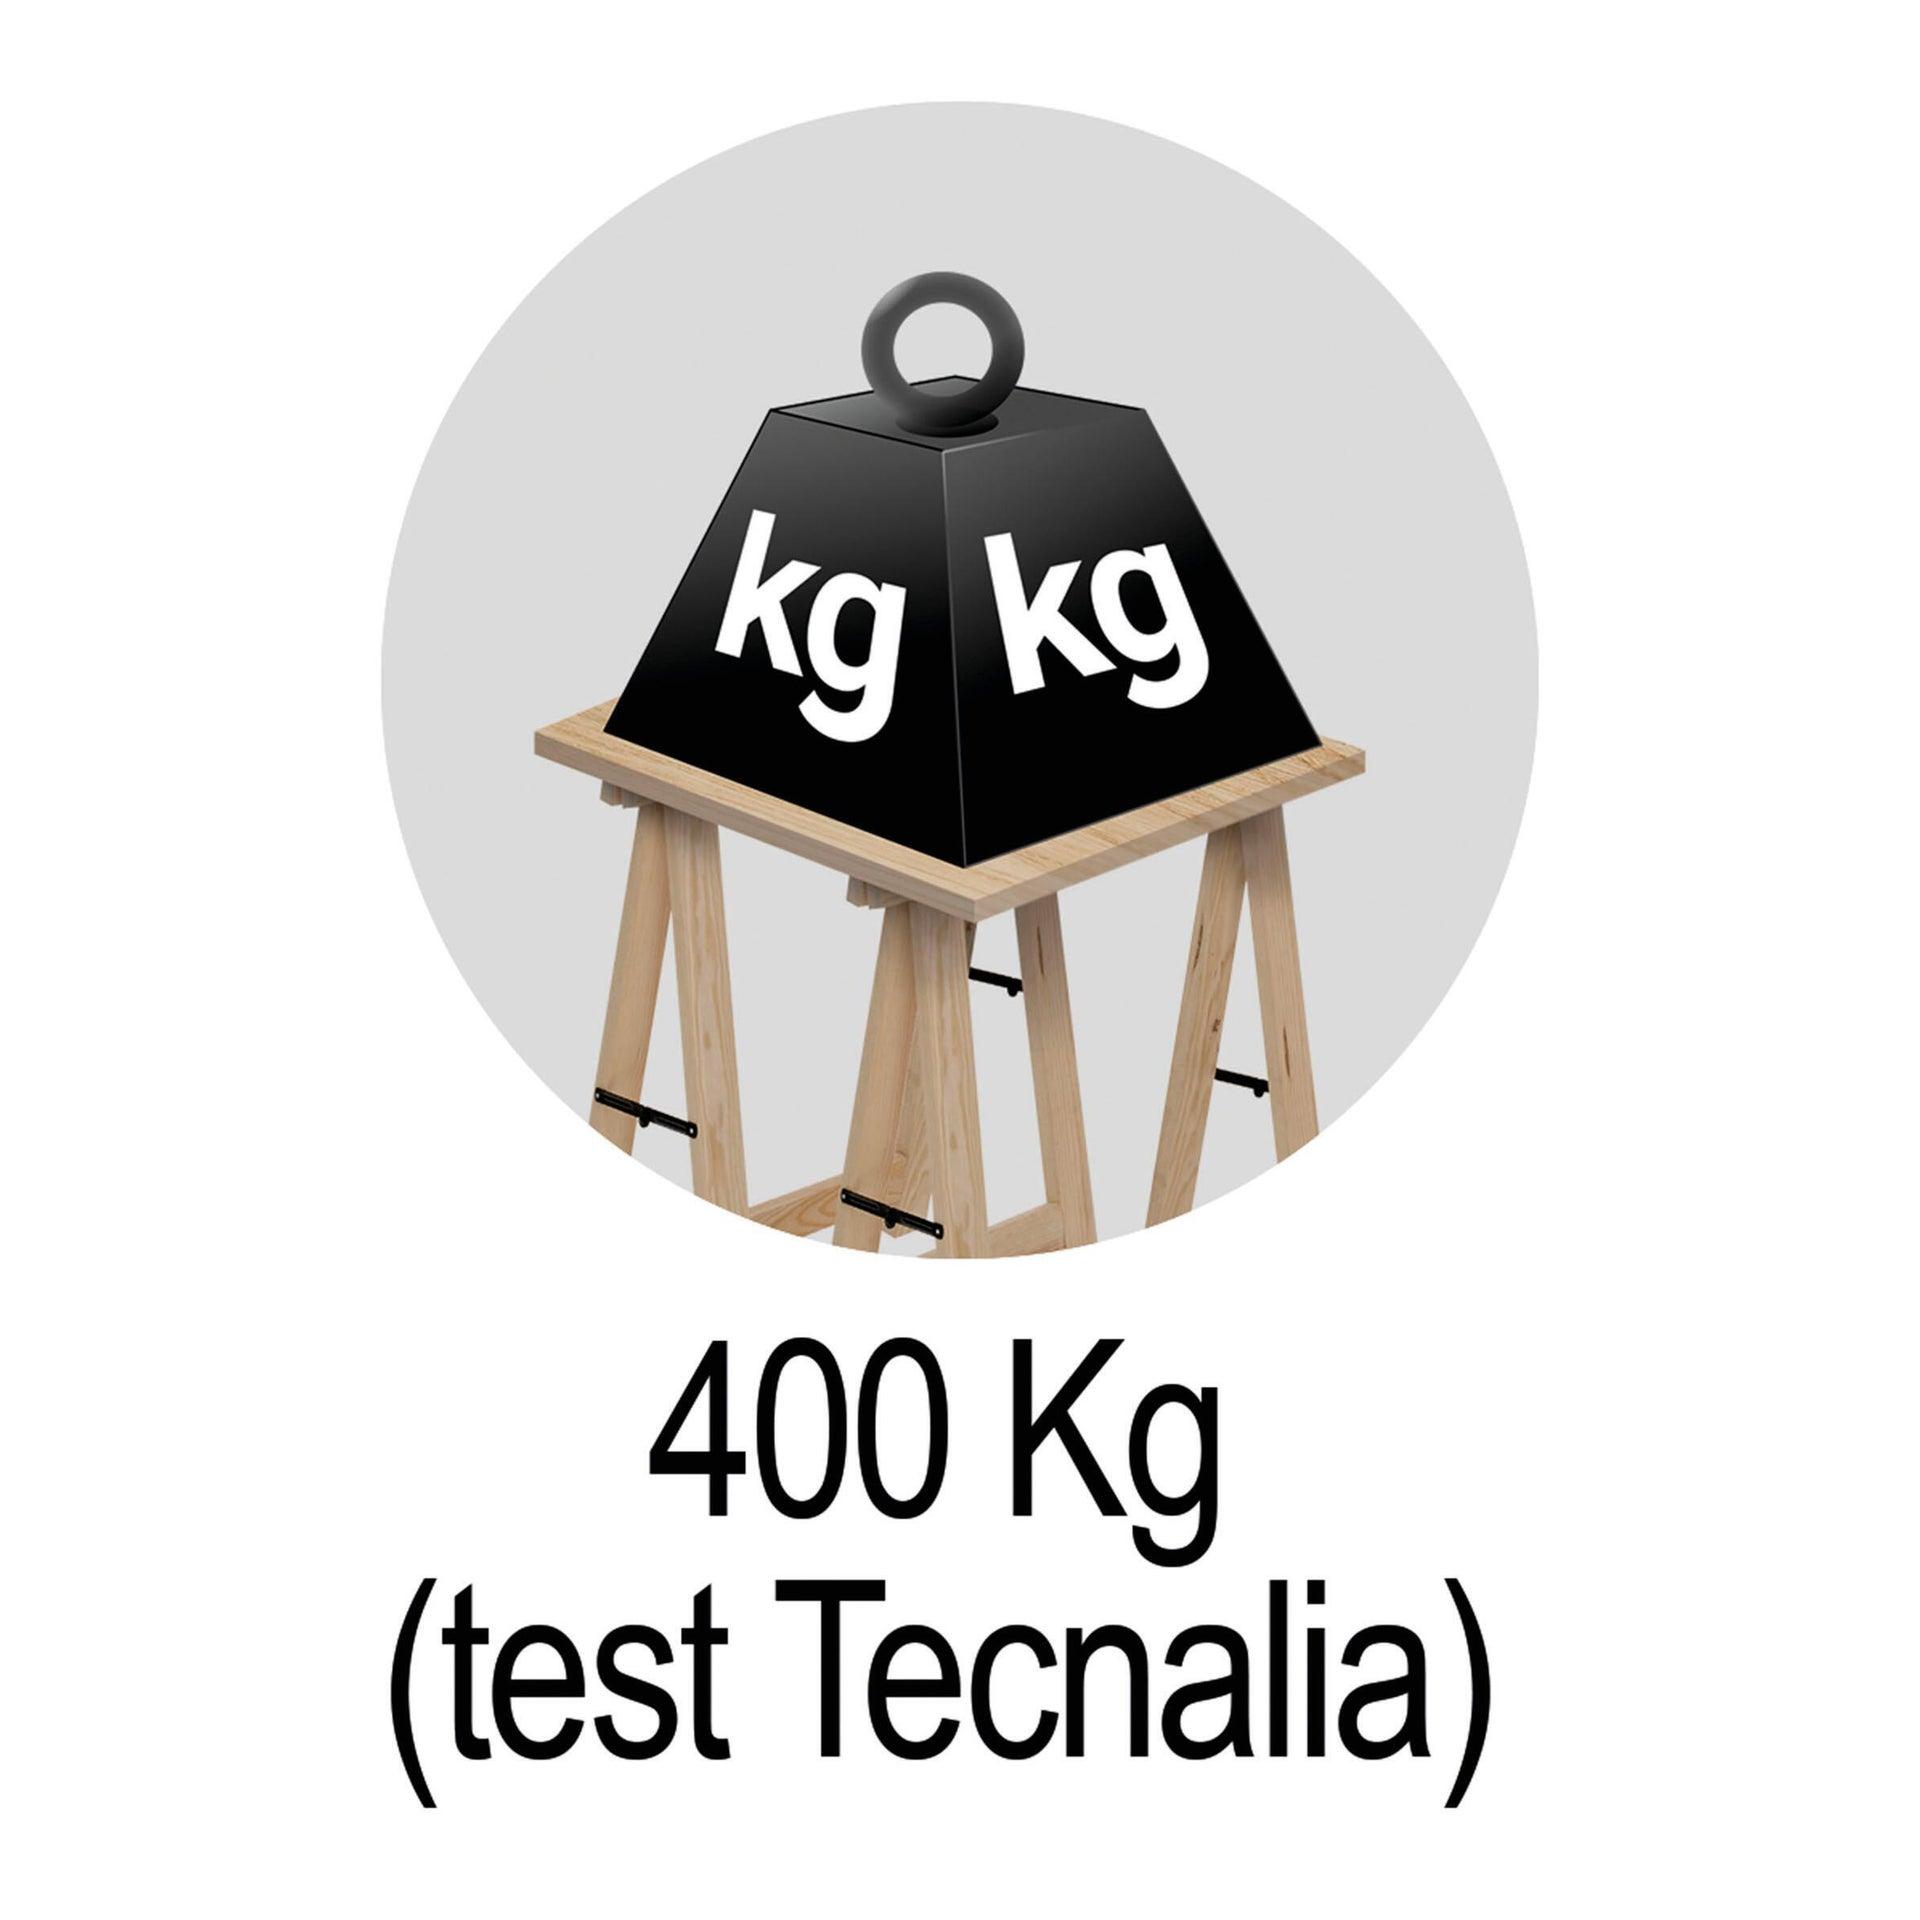 Cavalletto in pino Standard L 73.5 x P 73.5 x H 74 cm legno naturale - 17